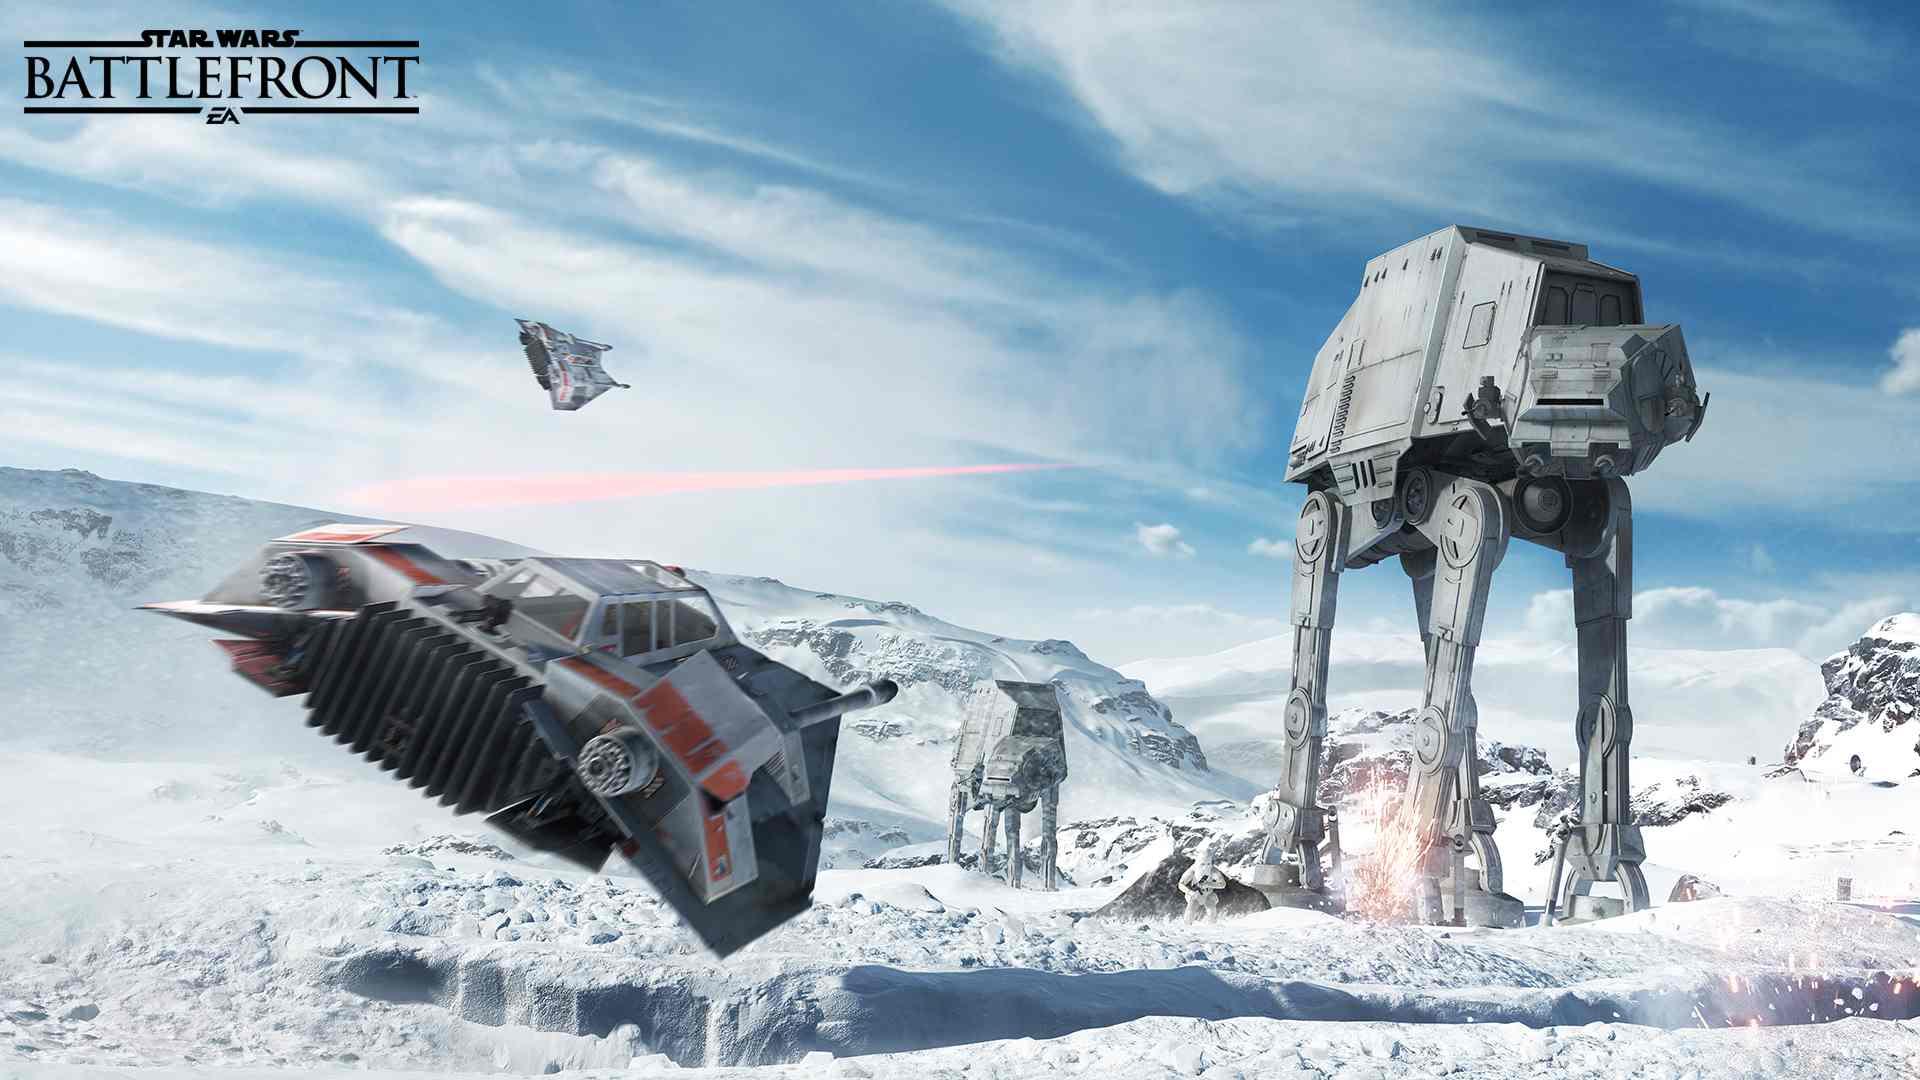 Star Wars: Battlefront obtendrá su primer DLC a principios de 2016